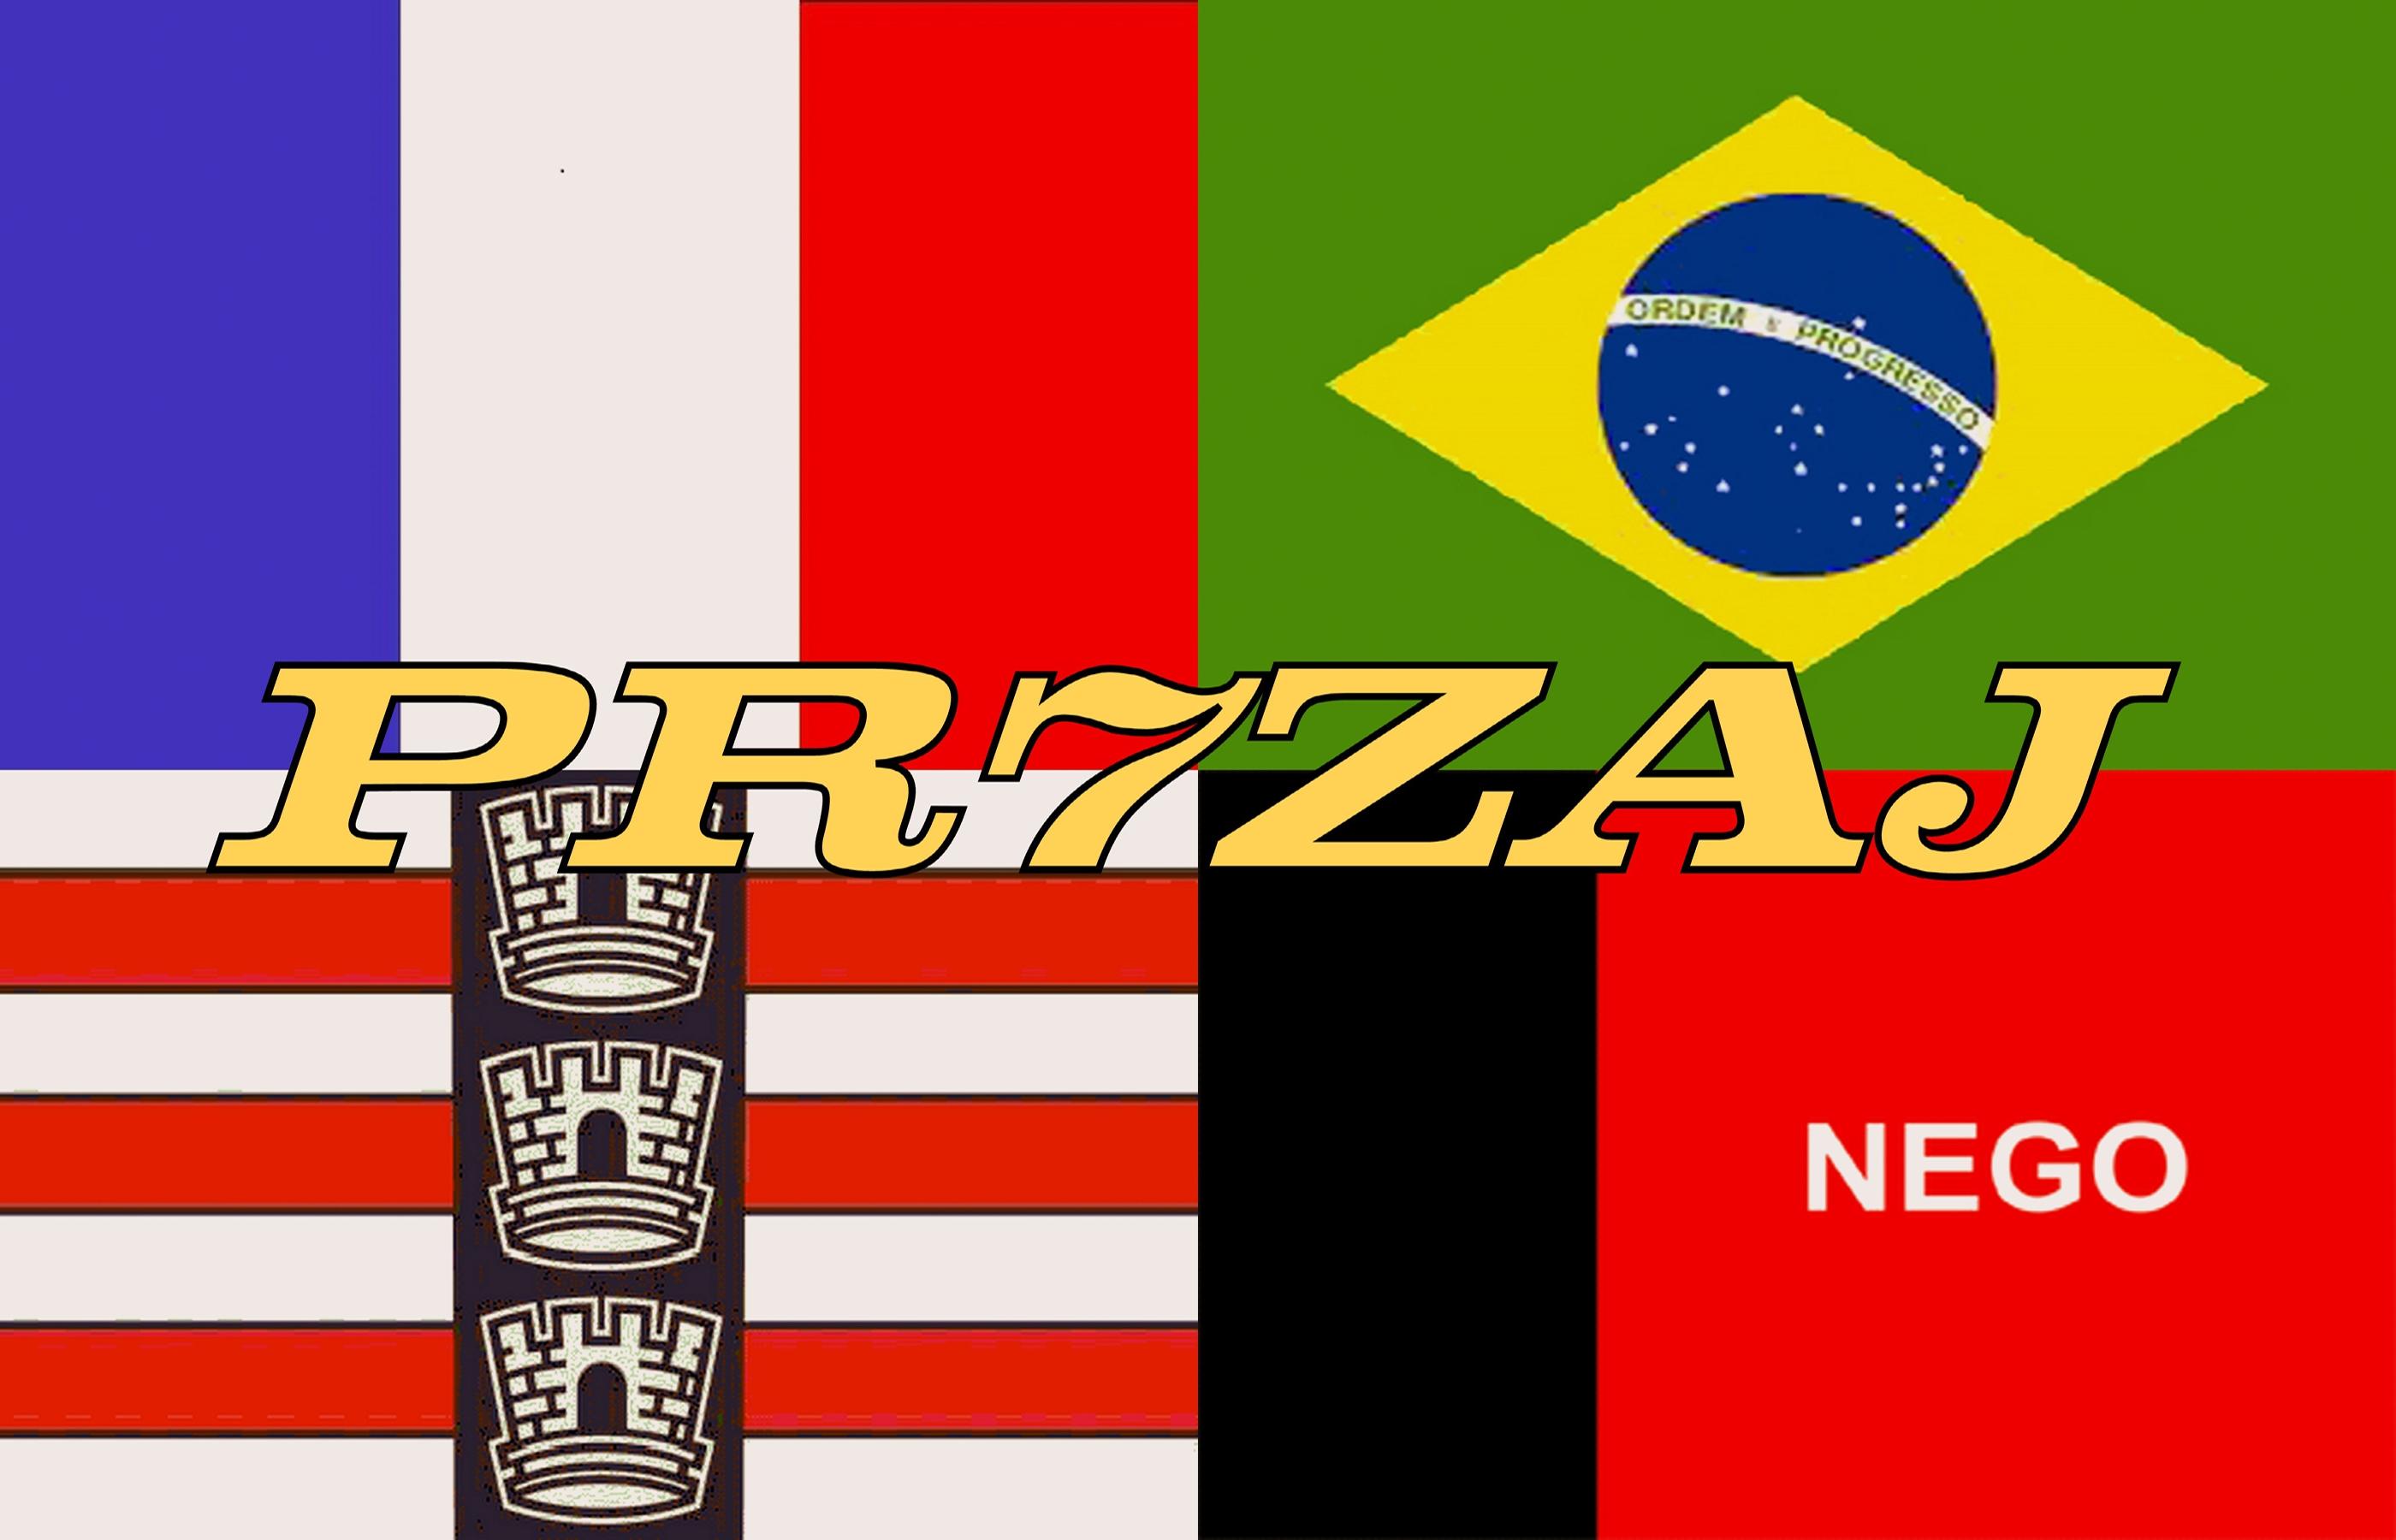 Primary Image for PR7ZAJ